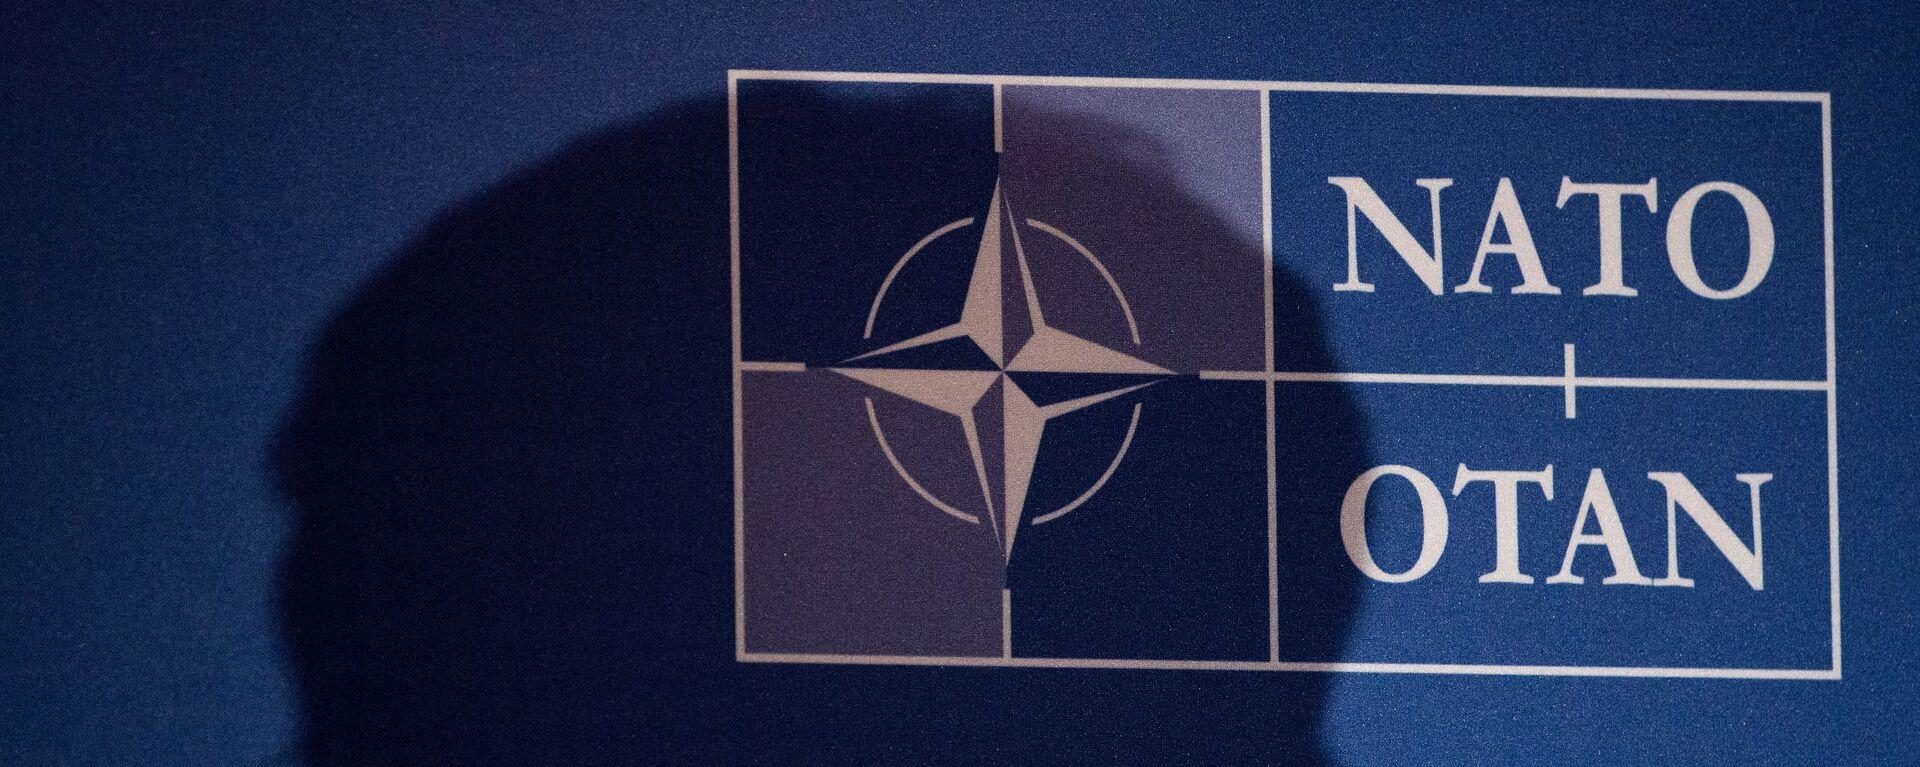 Logo de la OTAN - Sputnik Mundo, 1920, 18.02.2021